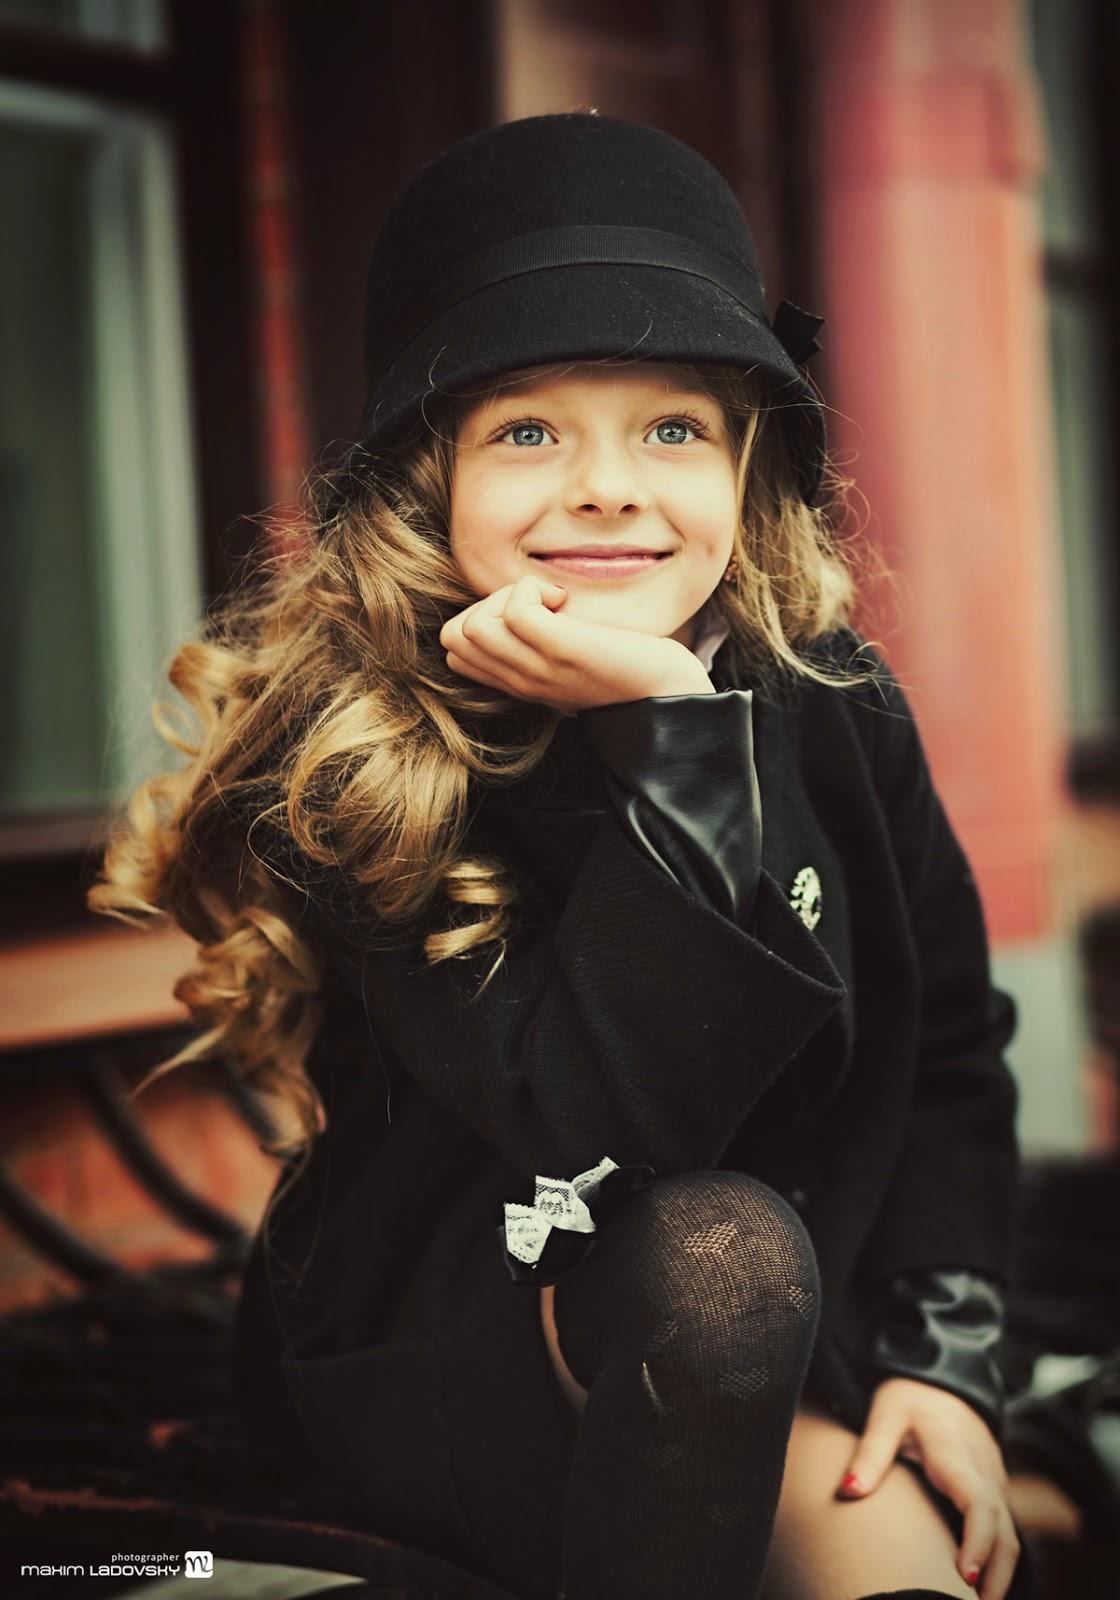 фотография красивой маленькой девочки в городе